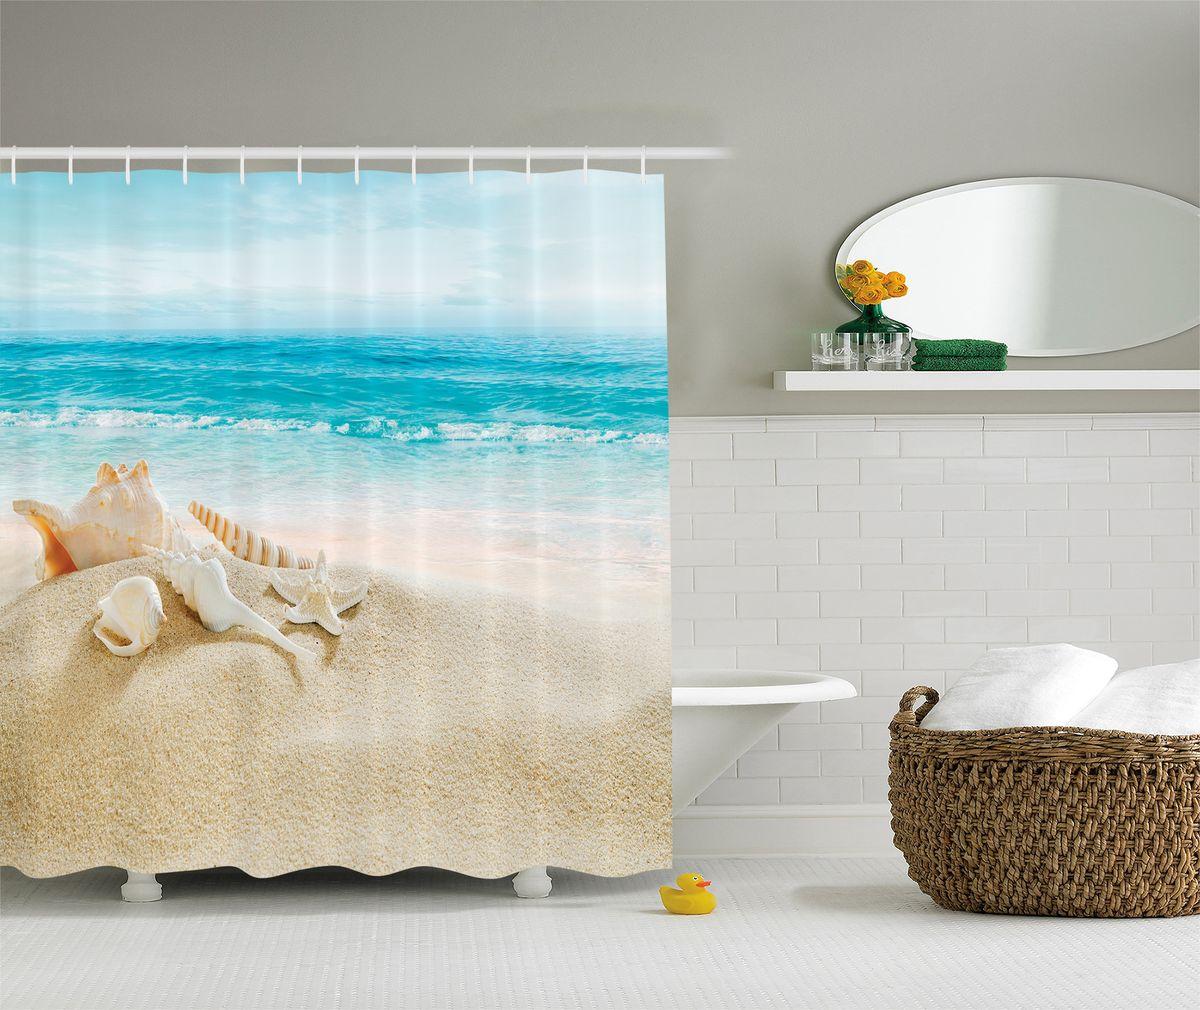 Штора для ванной комнаты Magic Lady Ракушки на теплом песке, 180 х 200 смшв_7645Компания Сэмболь изготавливает шторы из высококачественного сатена (полиэстер 100%). При изготовлении используются специальные гипоаллергенные чернила для прямой печати по ткани, безопасные для человека и животных. Экологичность продукции Magic lady и безопасность для окружающей среды подтверждены сертификатом Oeko-Tex Standard 100. Крепление: крючки (12 шт.). Внимание! При нанесении сублимационной печати на ткань технологическим методом при температуре 240 С, возможно отклонение полученных размеров, указанных на этикетке и сайте, от стандартных на + - 3-5 см. Мы стараемся максимально точно передать цвета изделия на наших фотографиях, однако искажения неизбежны и фактический цвет изделия может отличаться от воспринимаемого по фото. Обратите внимание! Шторы изготовлены из полиэстра сатенового переплетения, а не из сатина (хлопок). Размер шторы 180*200 см. В комплекте 1 штора и 12 крючков.